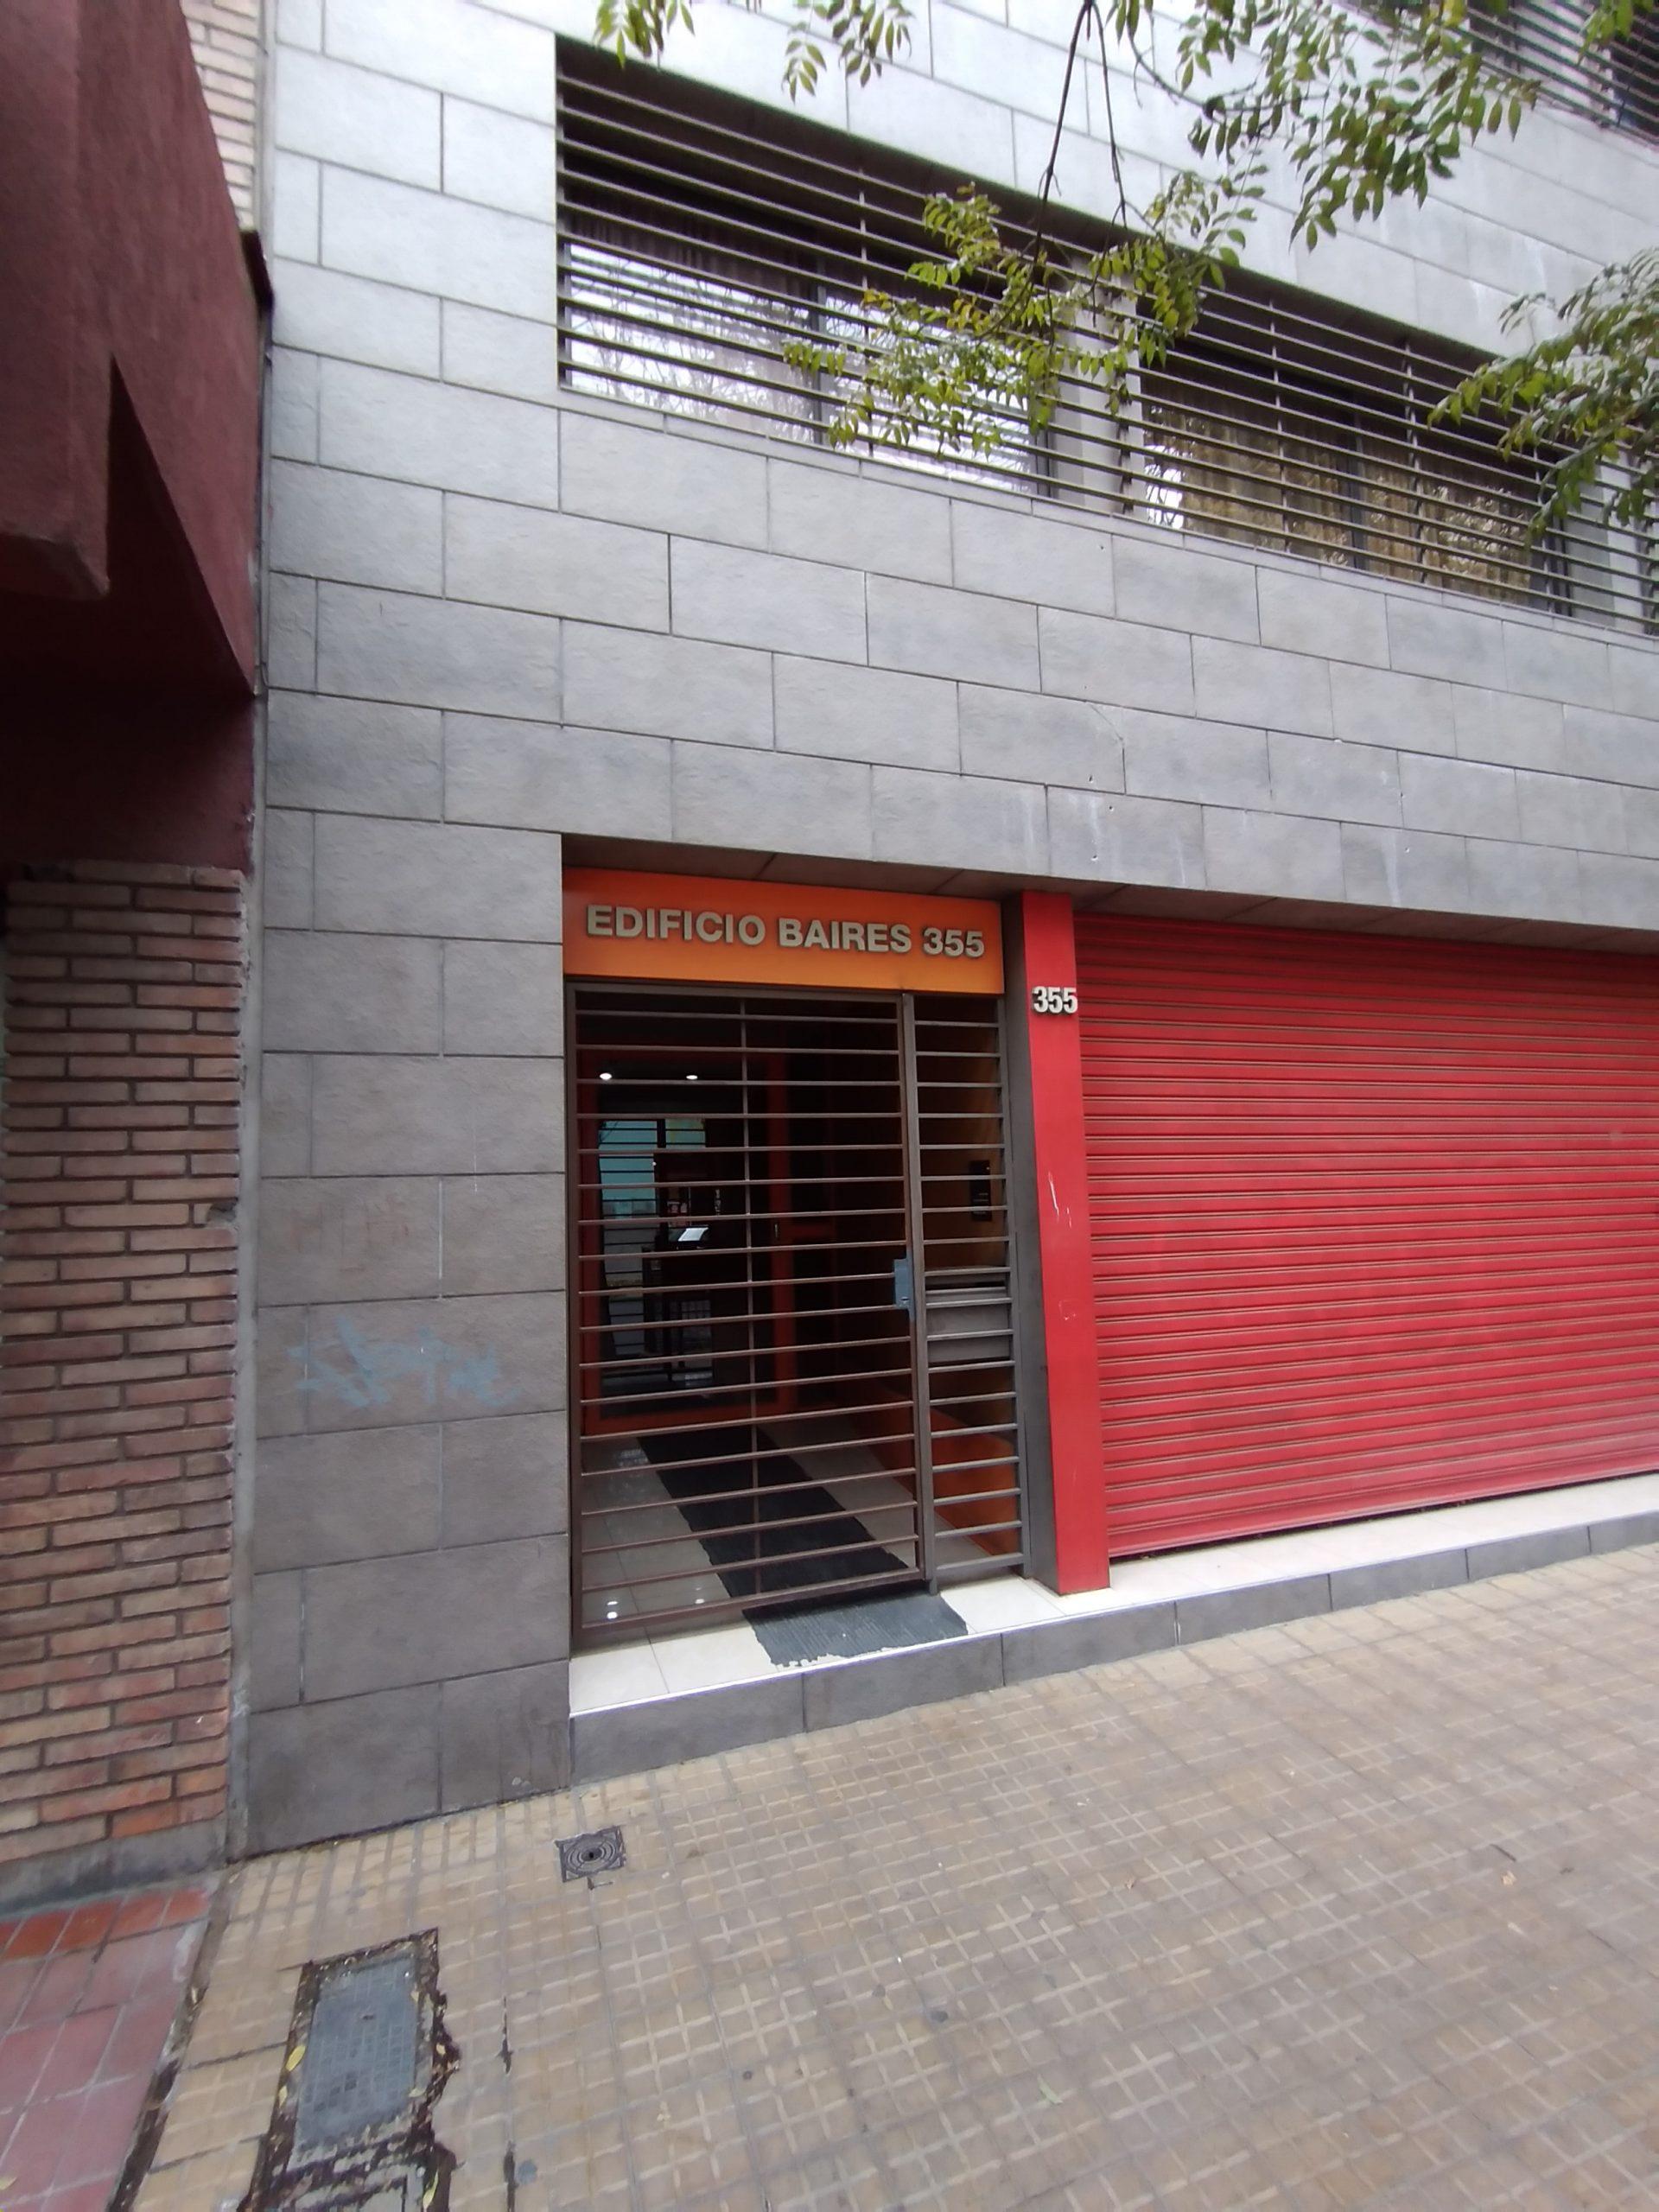 MONOAMBIENTE Buenos Aires y Salta, Cdad. (3°Piso).-